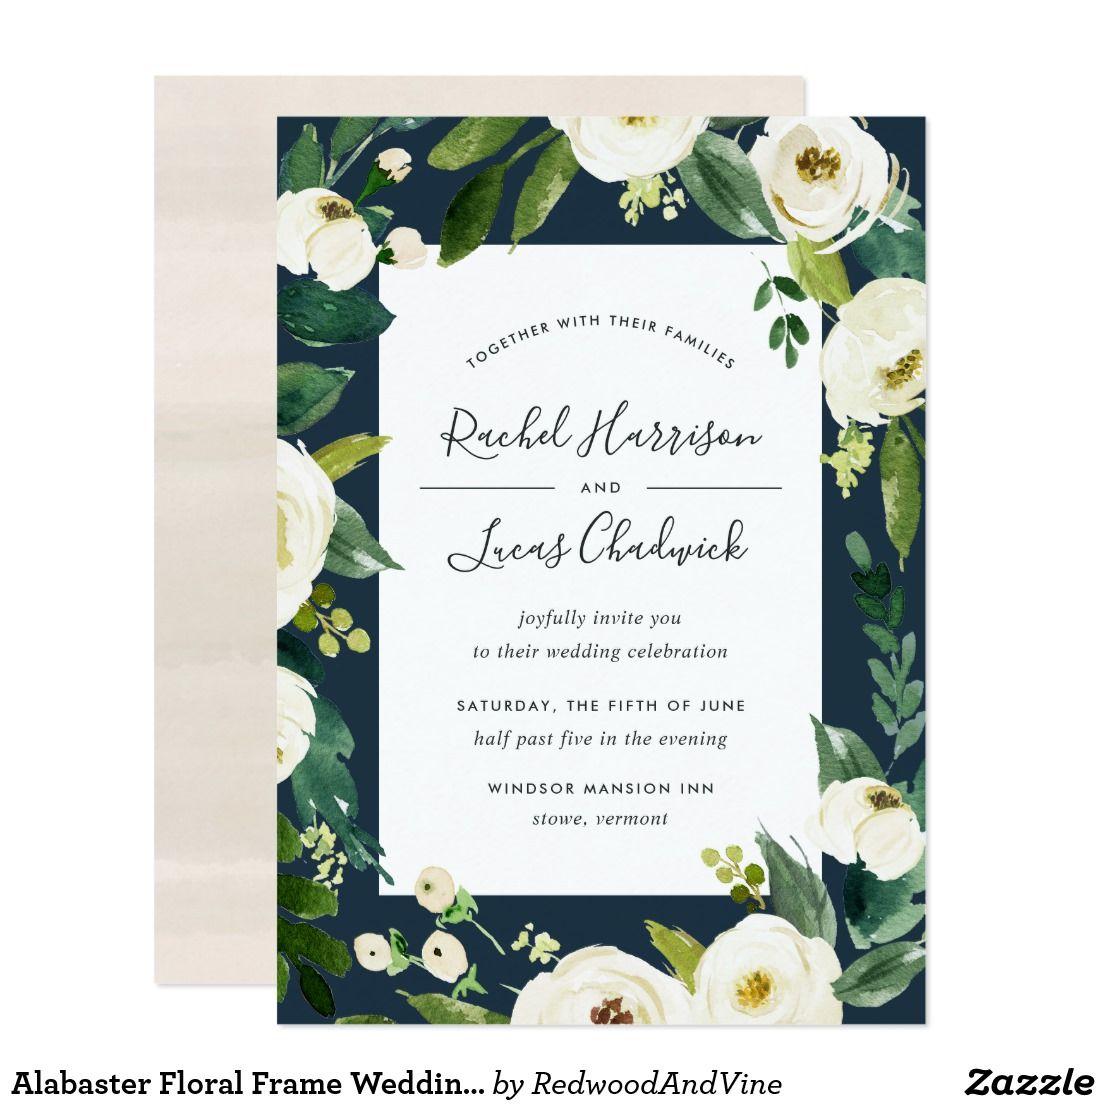 Alabaster Floral Frame Wedding Invitation | Green weddings, Floral ...